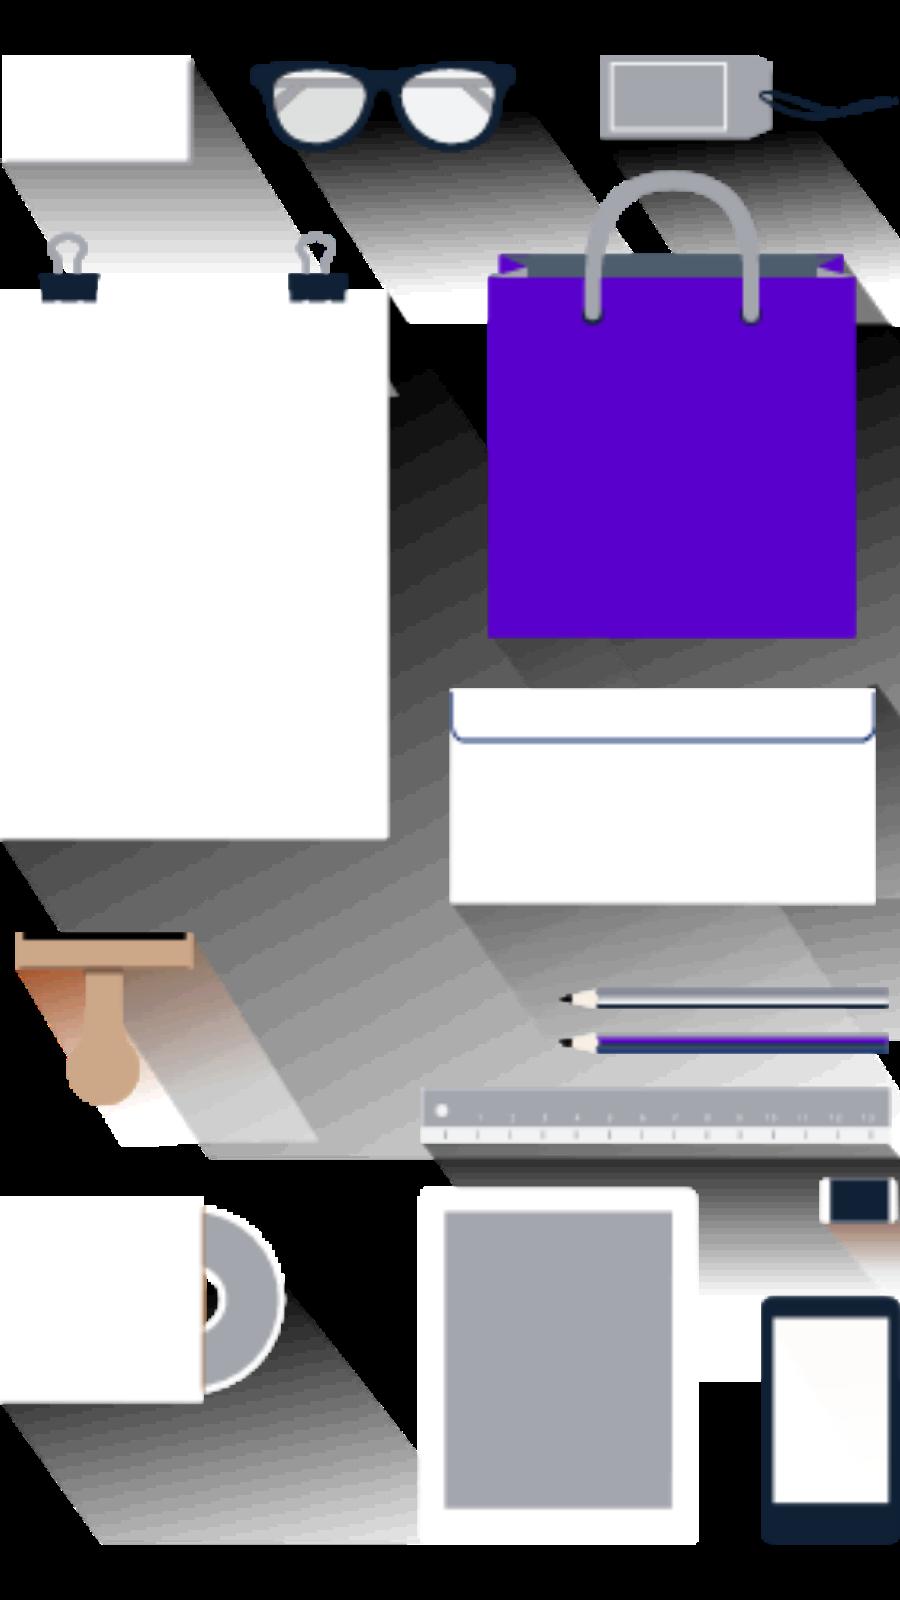 Agentur für Corporate Design - Digitanos Online-Marketing-Agentur Bad Ischl